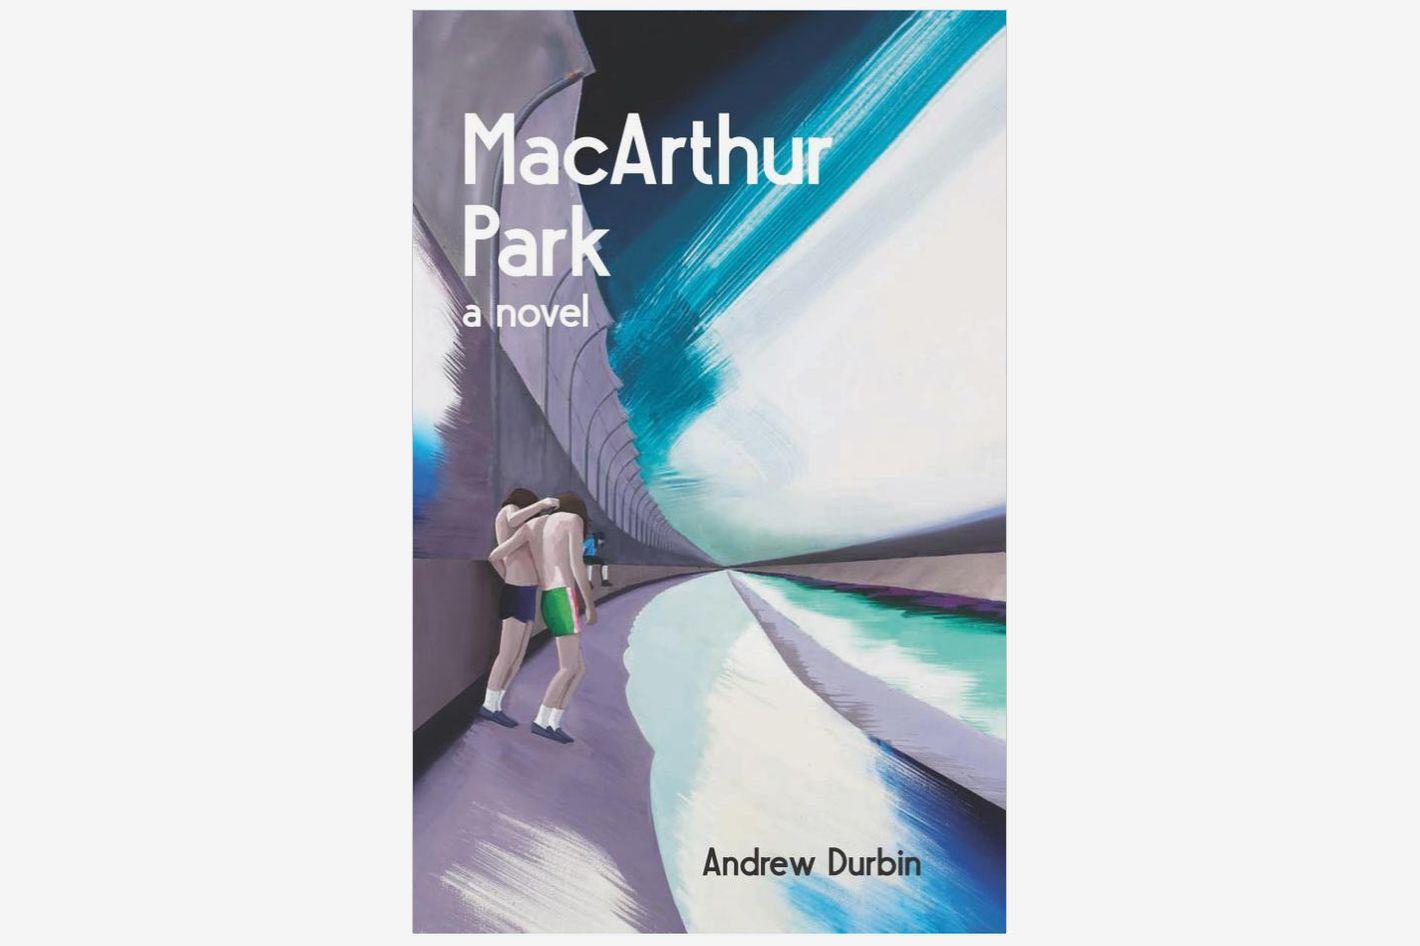 MacArthur Park by Andrew Durbin